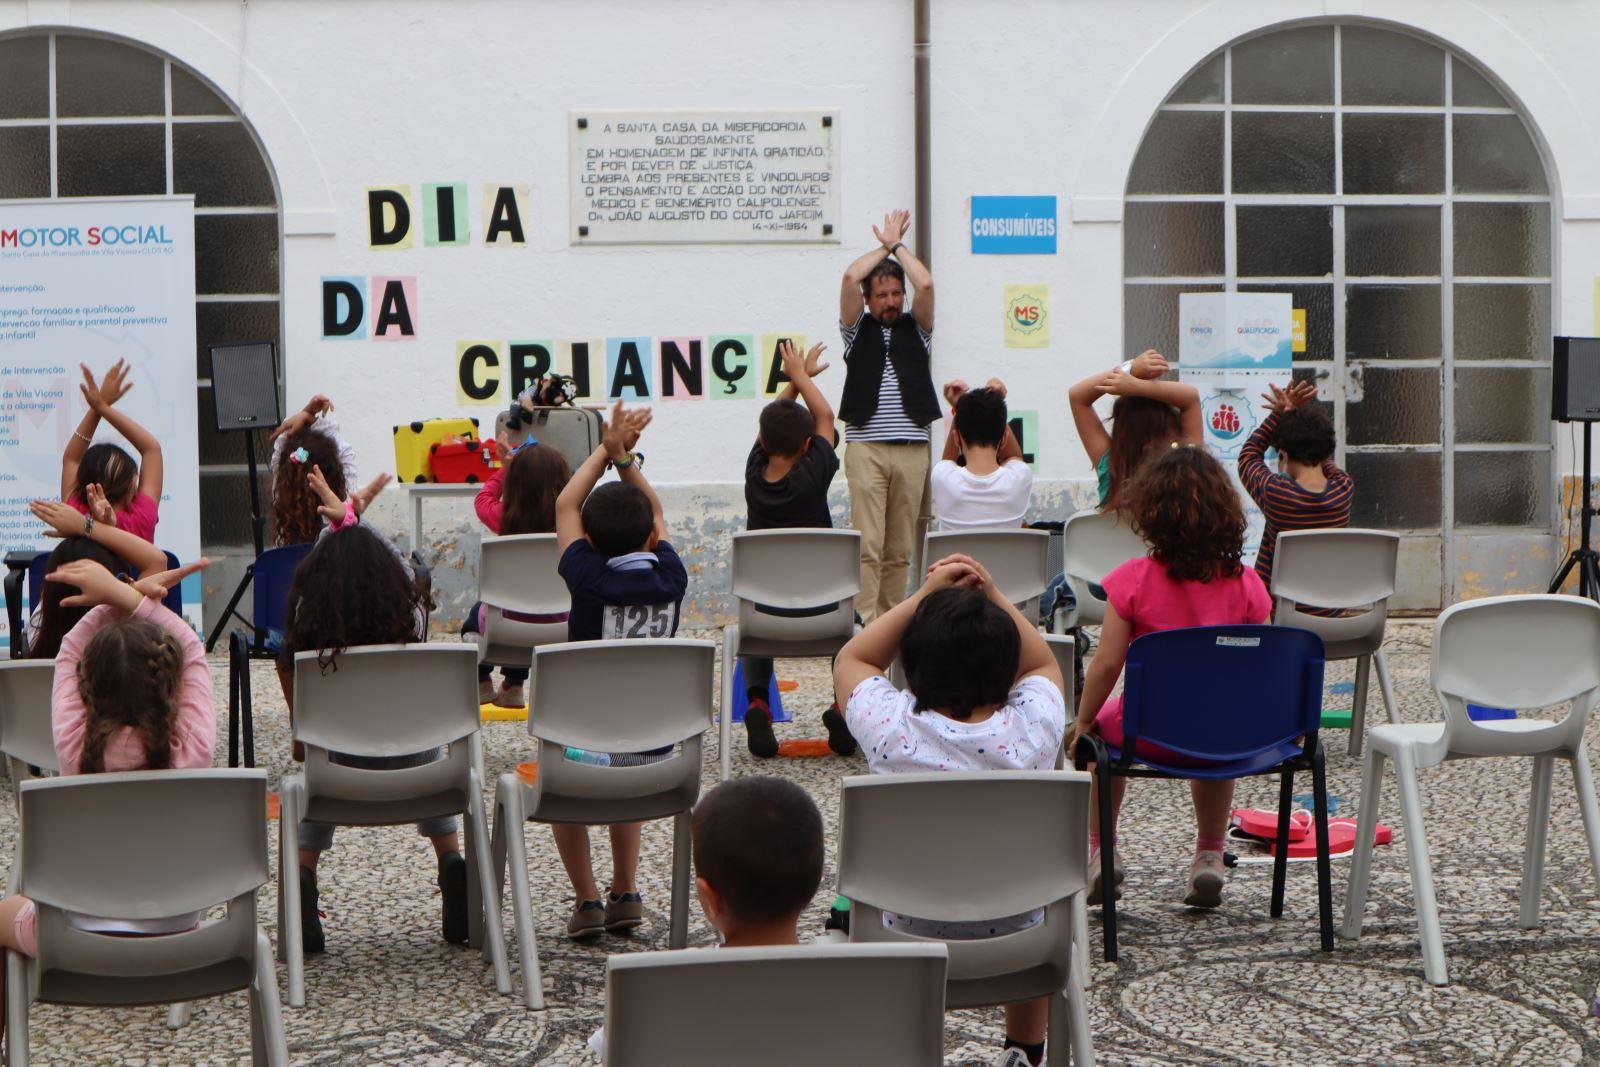 Vila Viçosa | Celebrar com diversão e reflexão